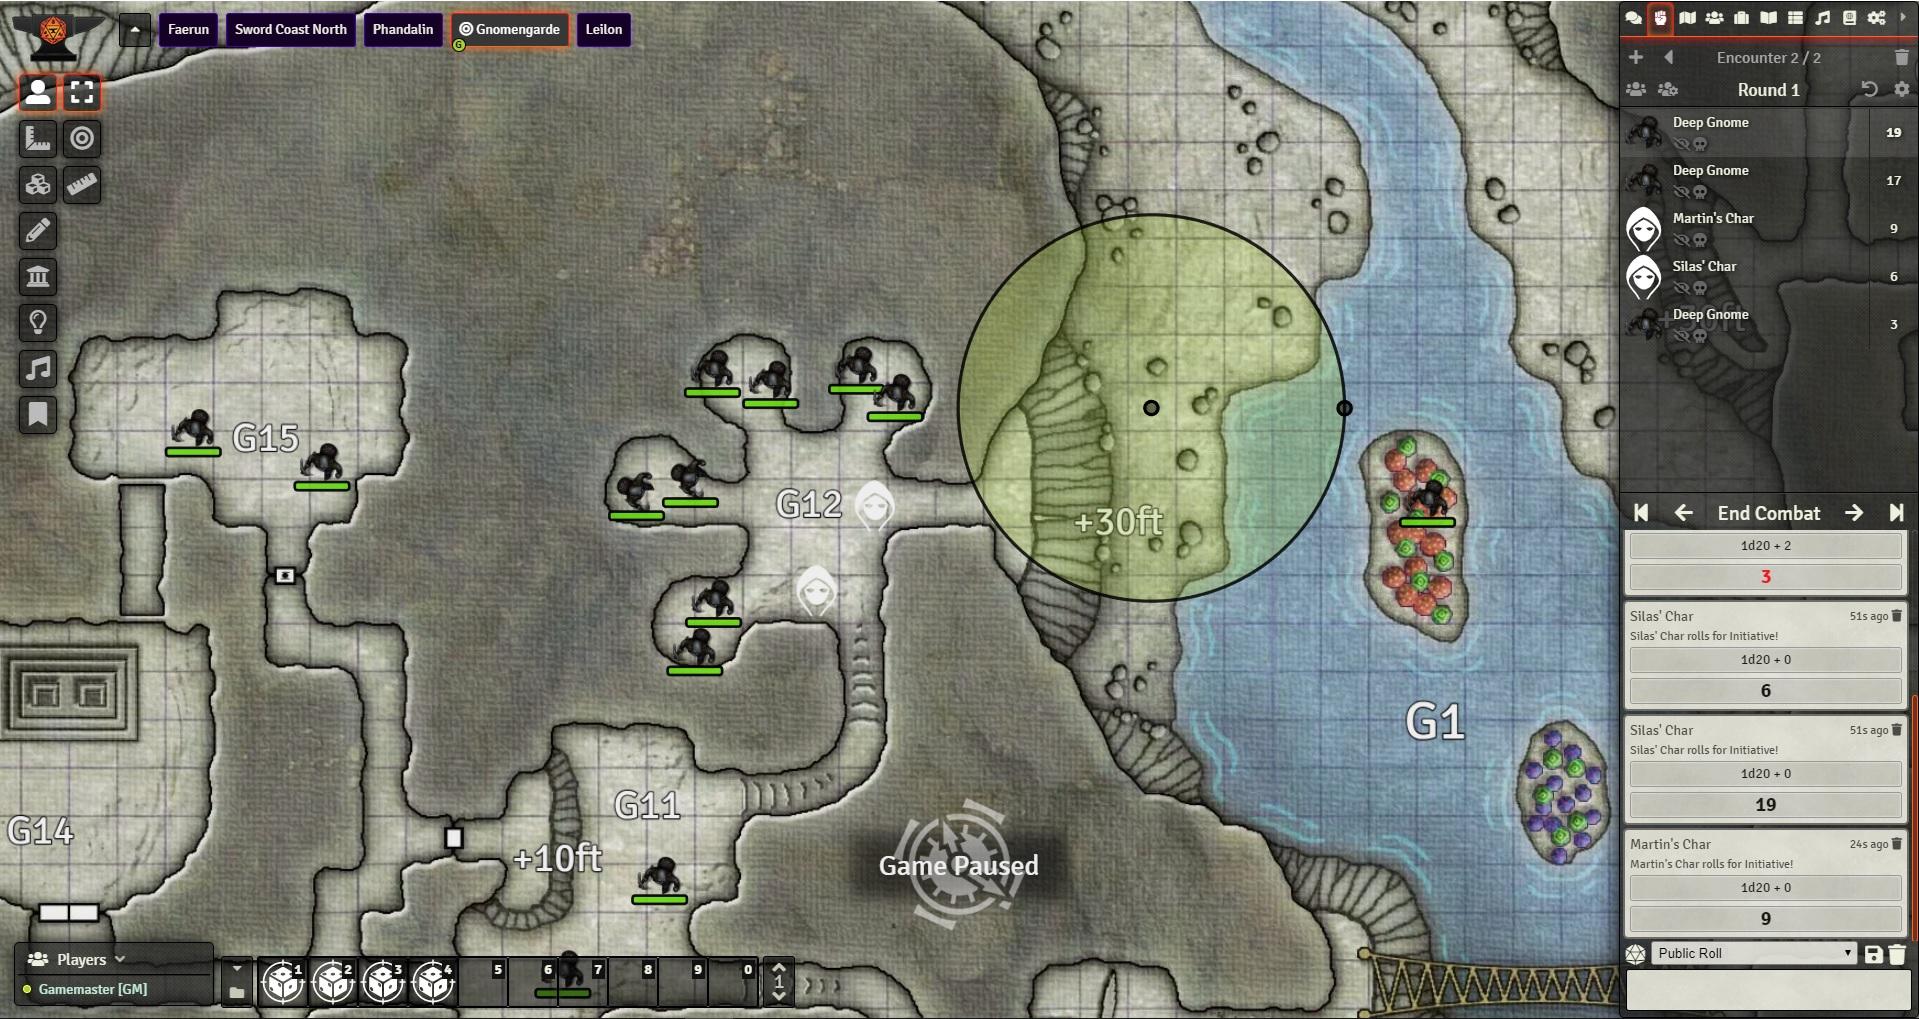 Combat Focus in action